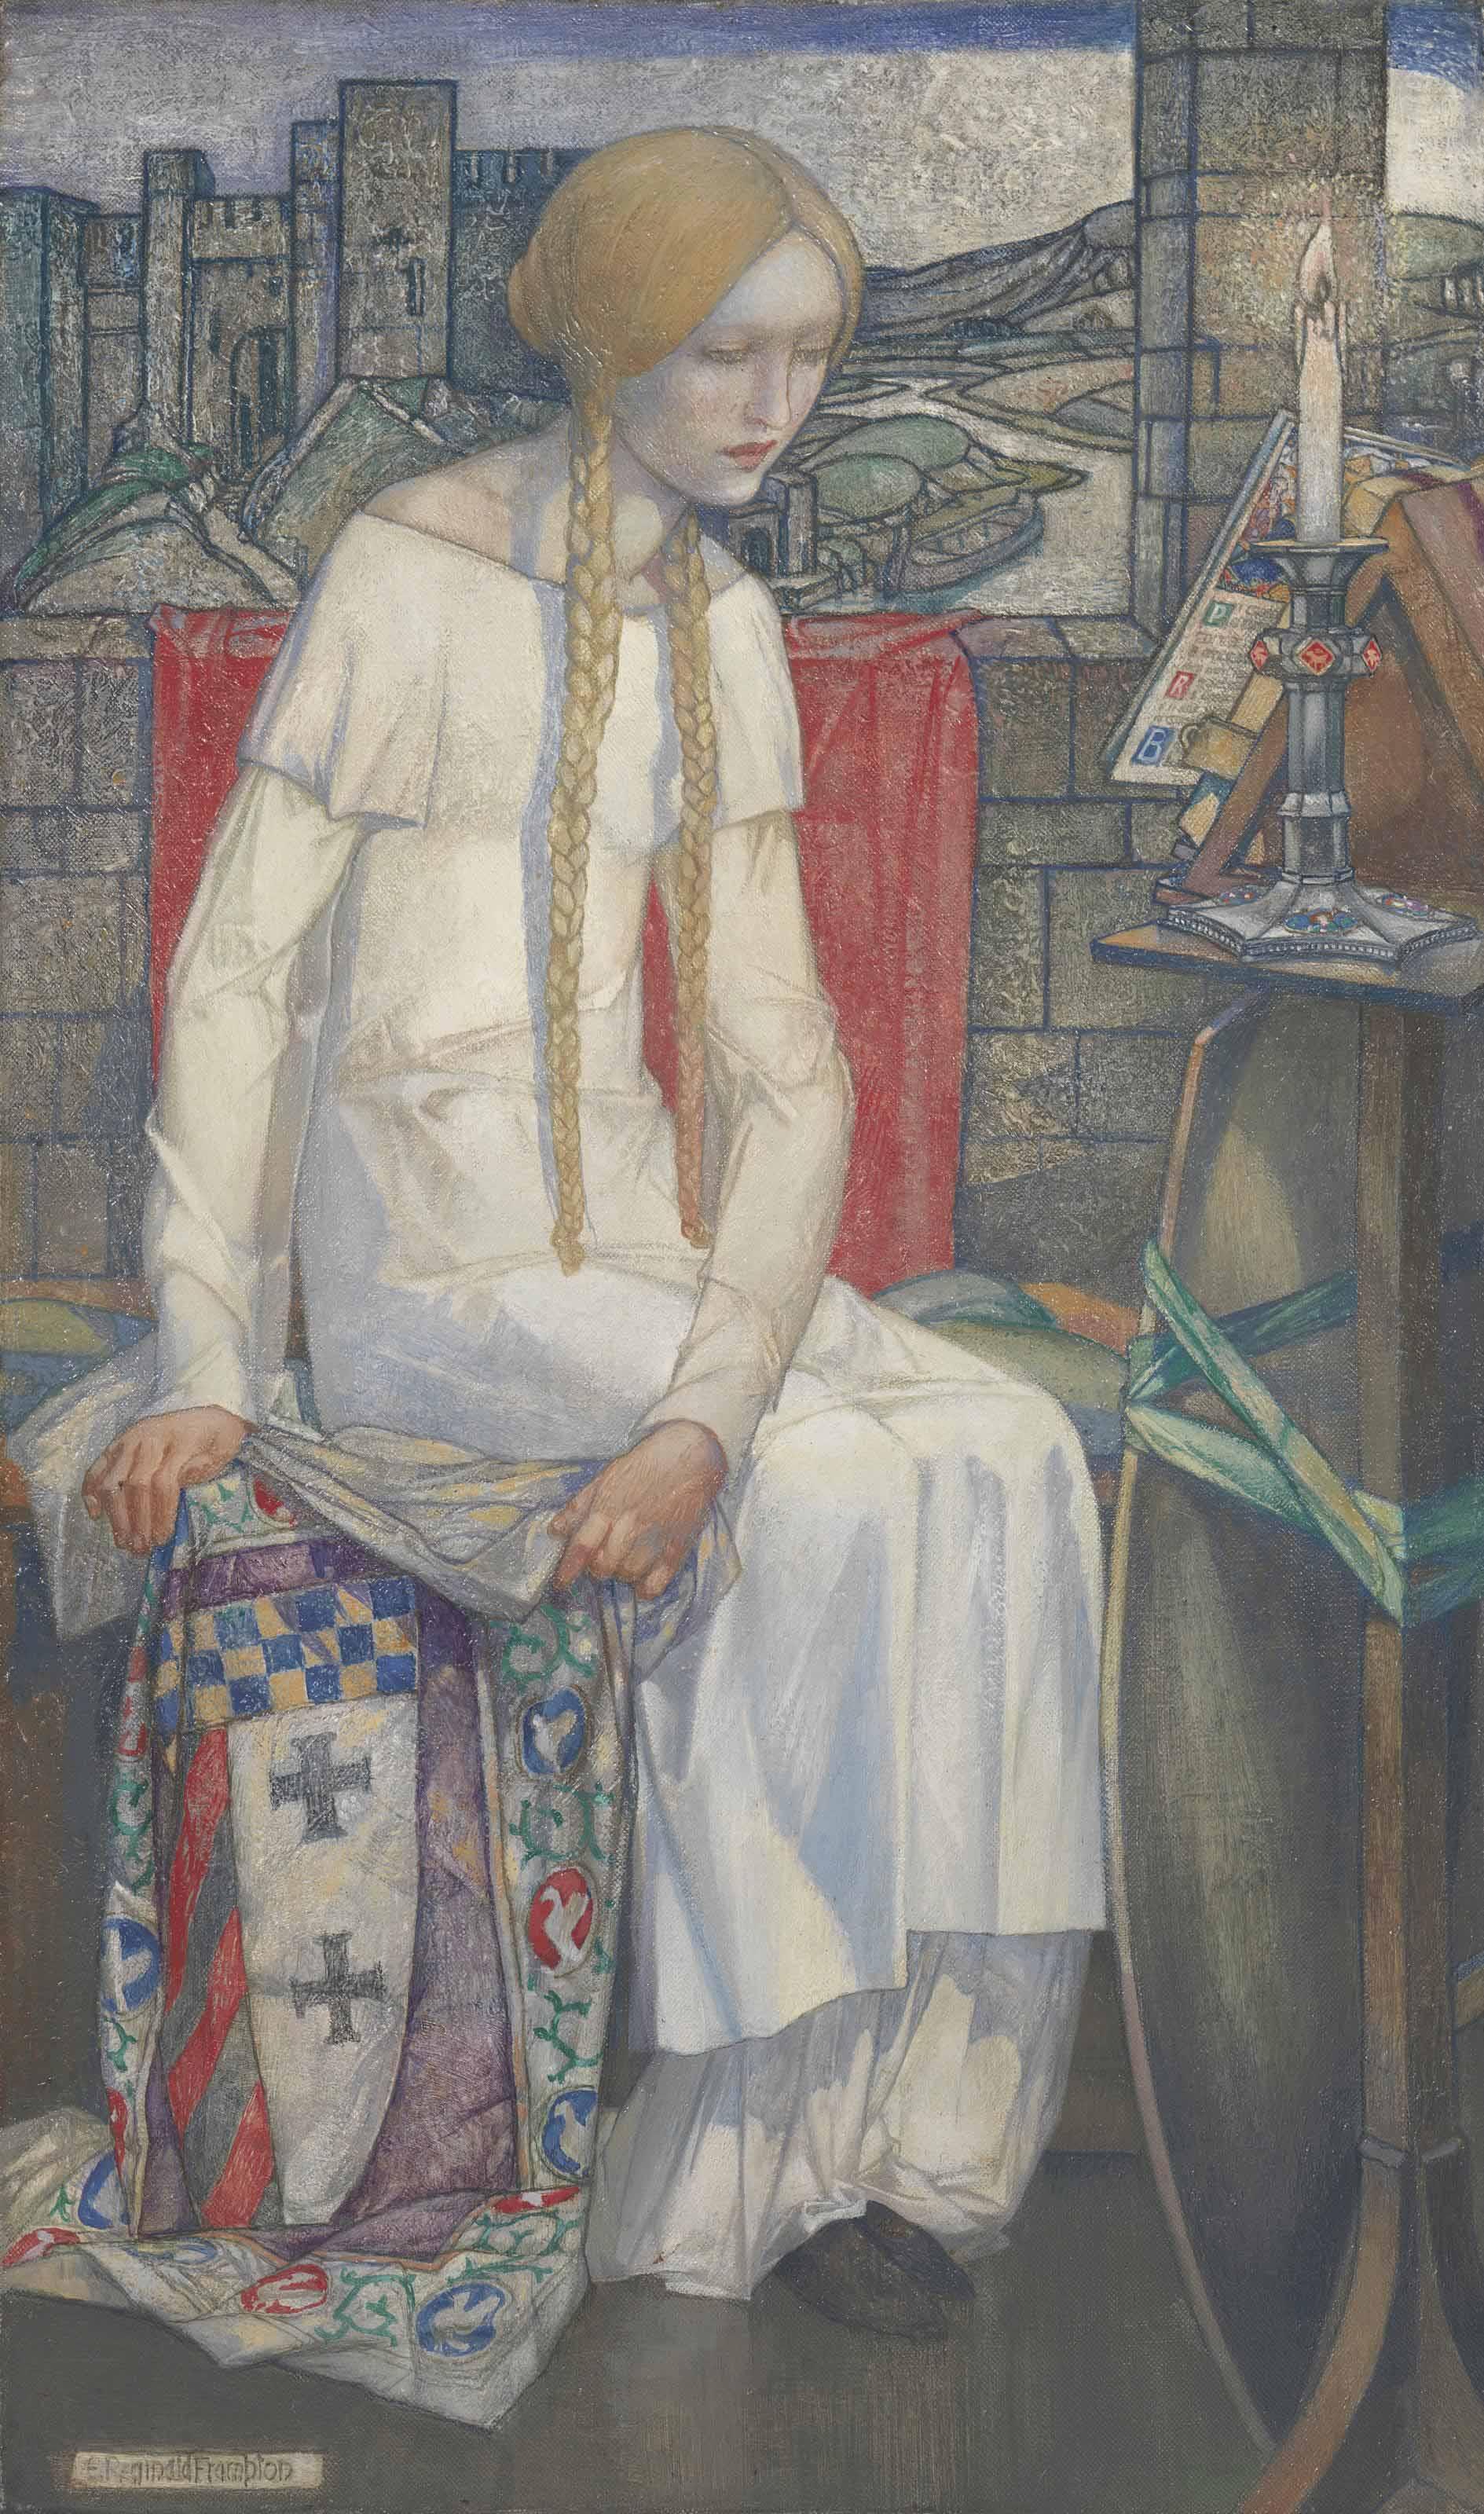 Elaine, the Lady of Shallott